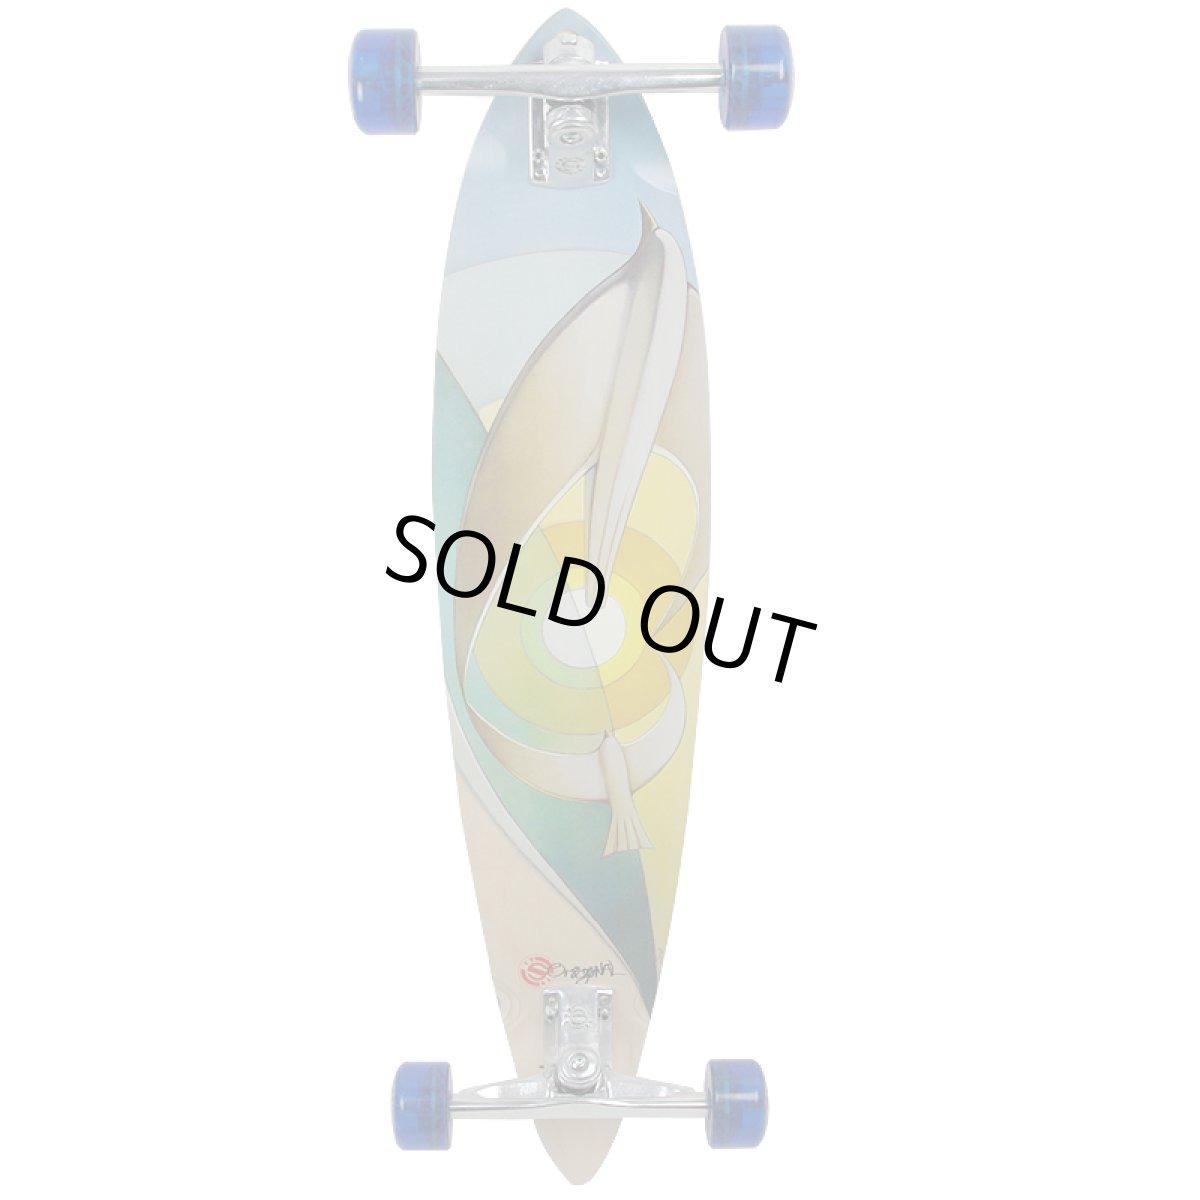 画像1: 37インチ オリジナル・スケートボード(Original Skateboards)社製 Pintail37 コンプリート (1)